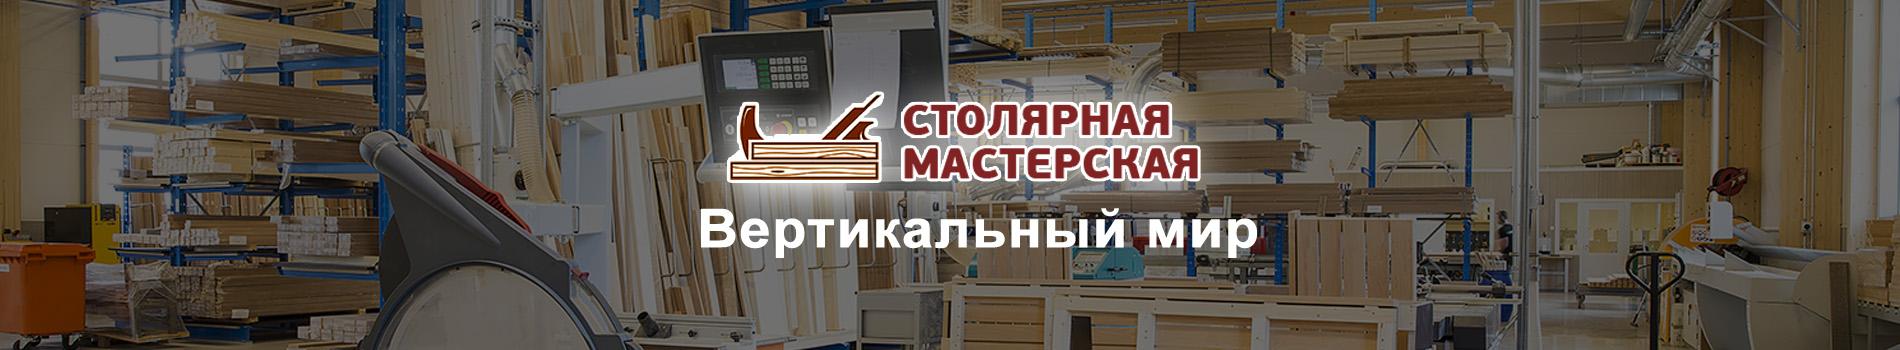 slide_0001_Custom234